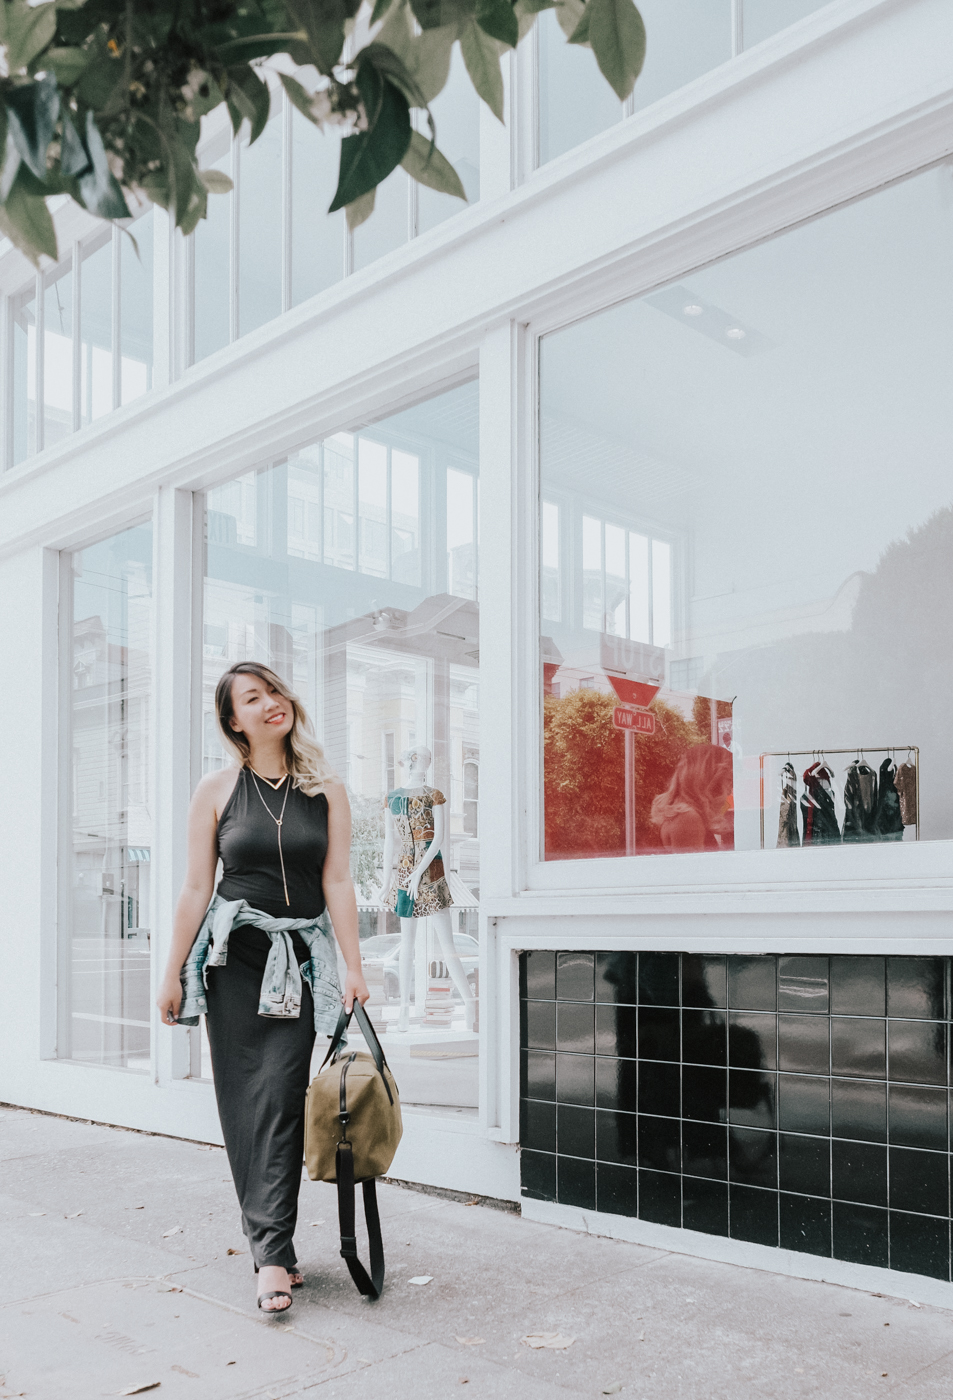 Grana Maxi Dress in Black | The Chic Diary